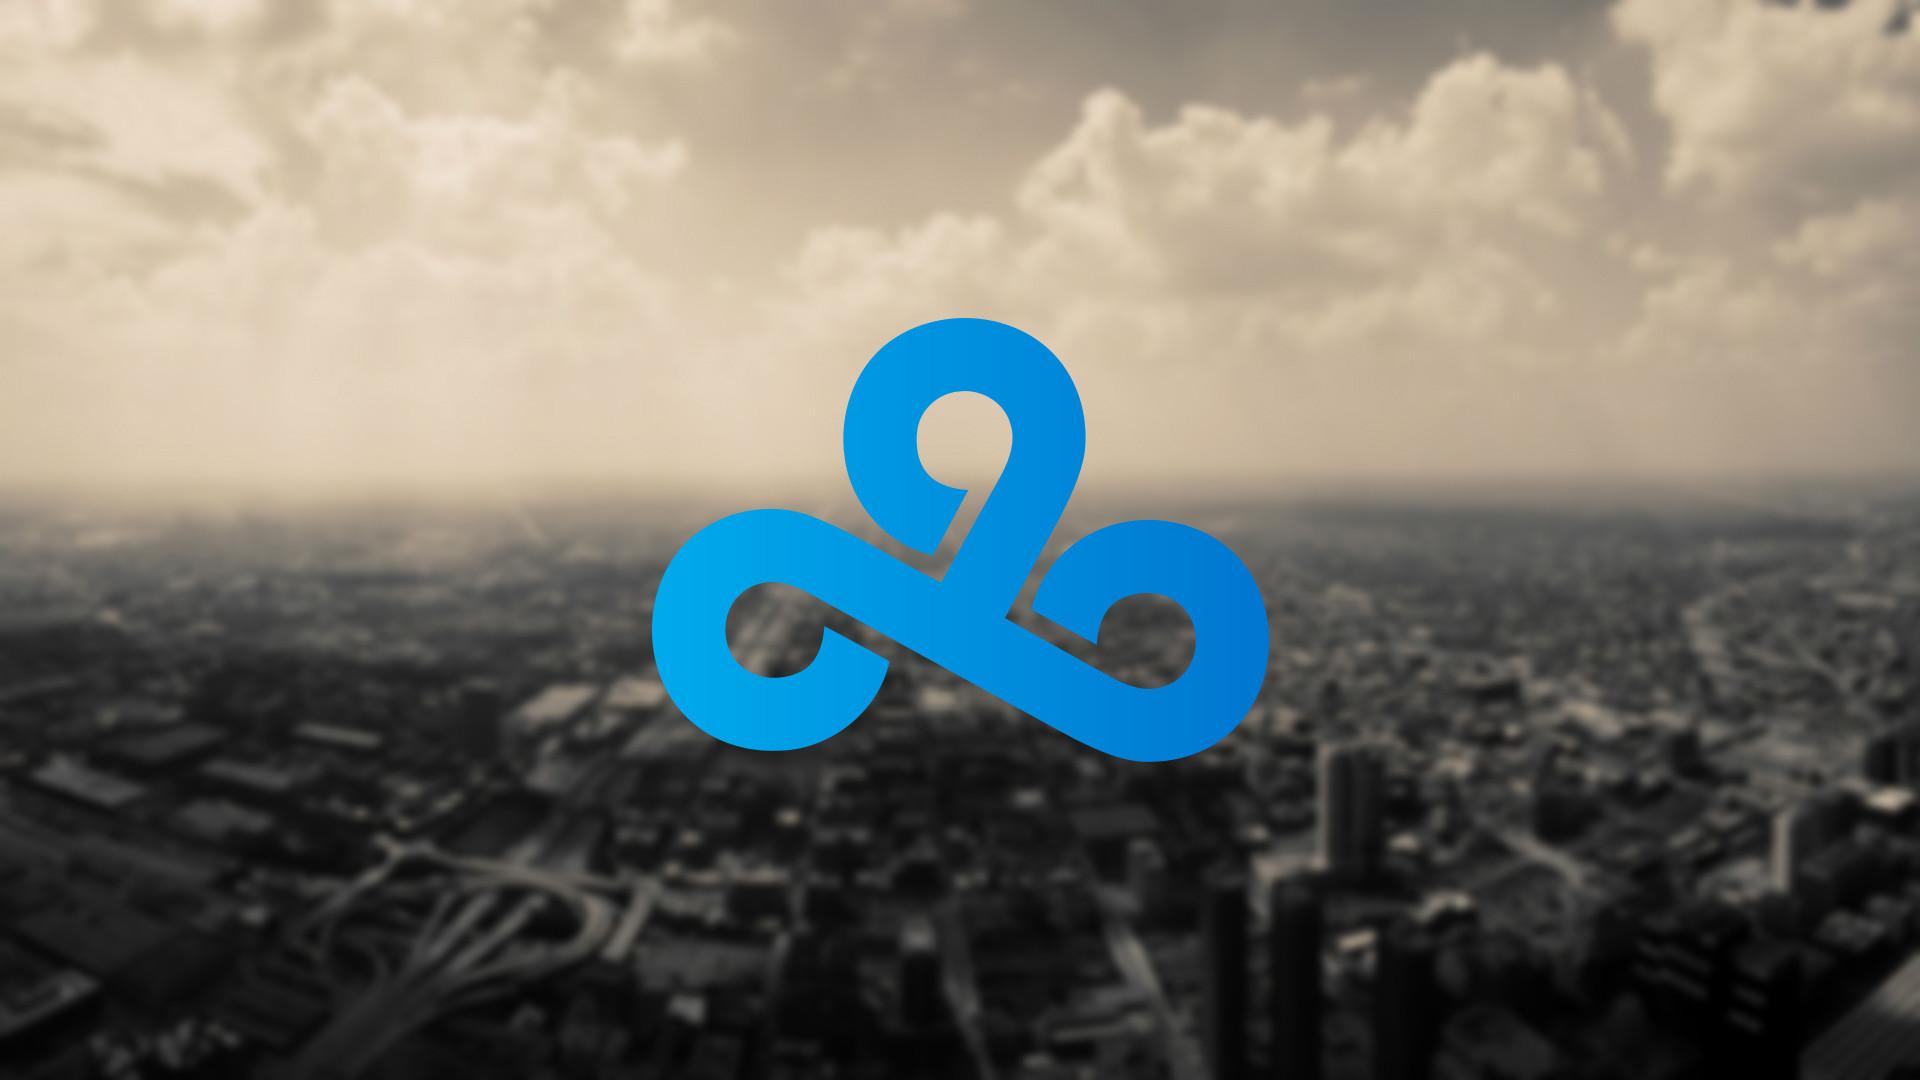 Cloud9 Los Angeles